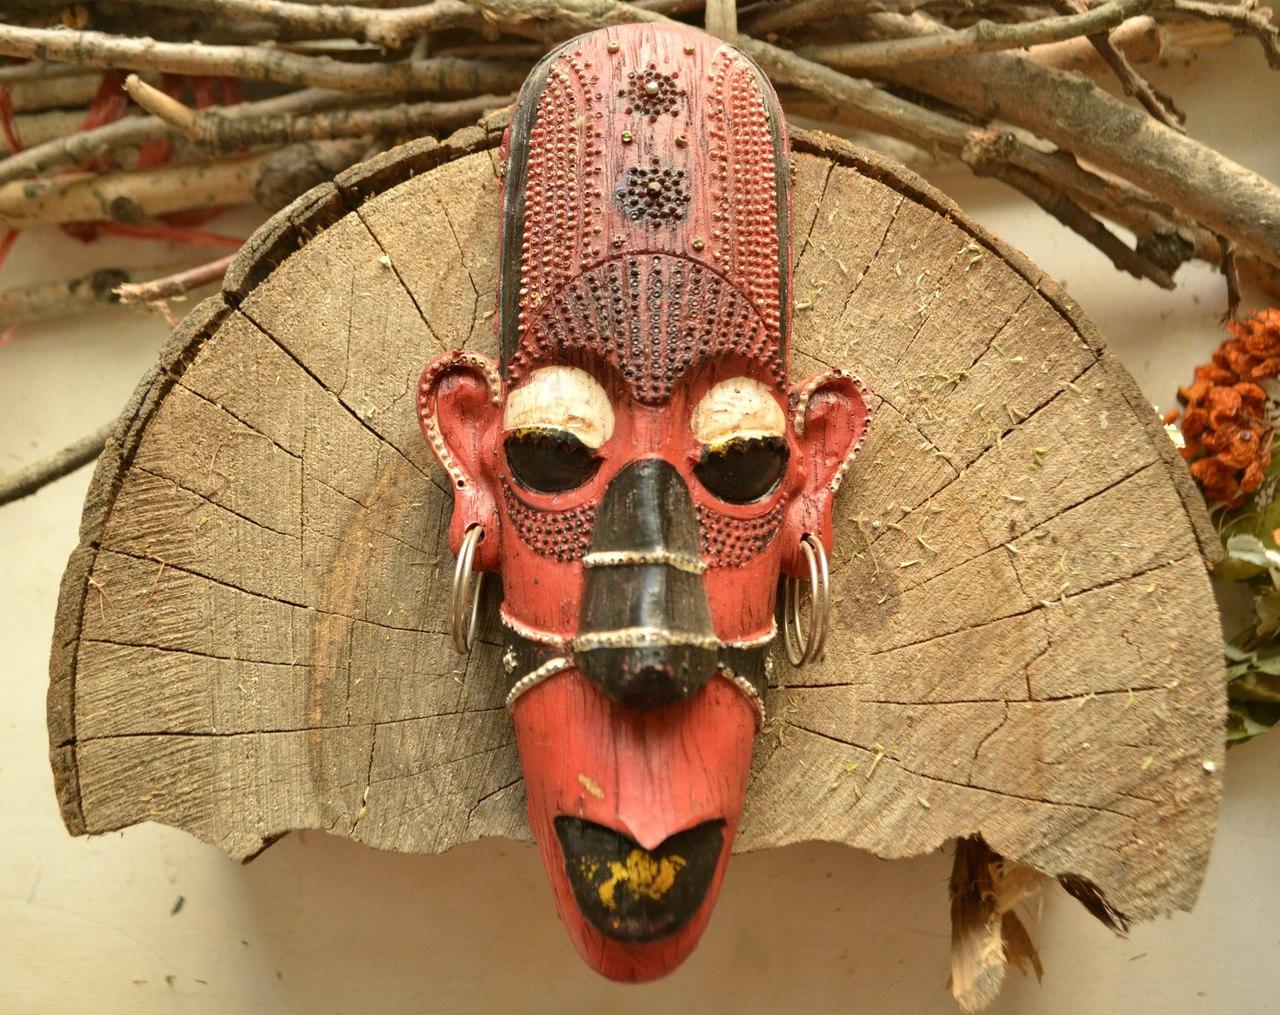 защитапомещения - Настенные маски с магическими программами.  DmtDhbbwduw